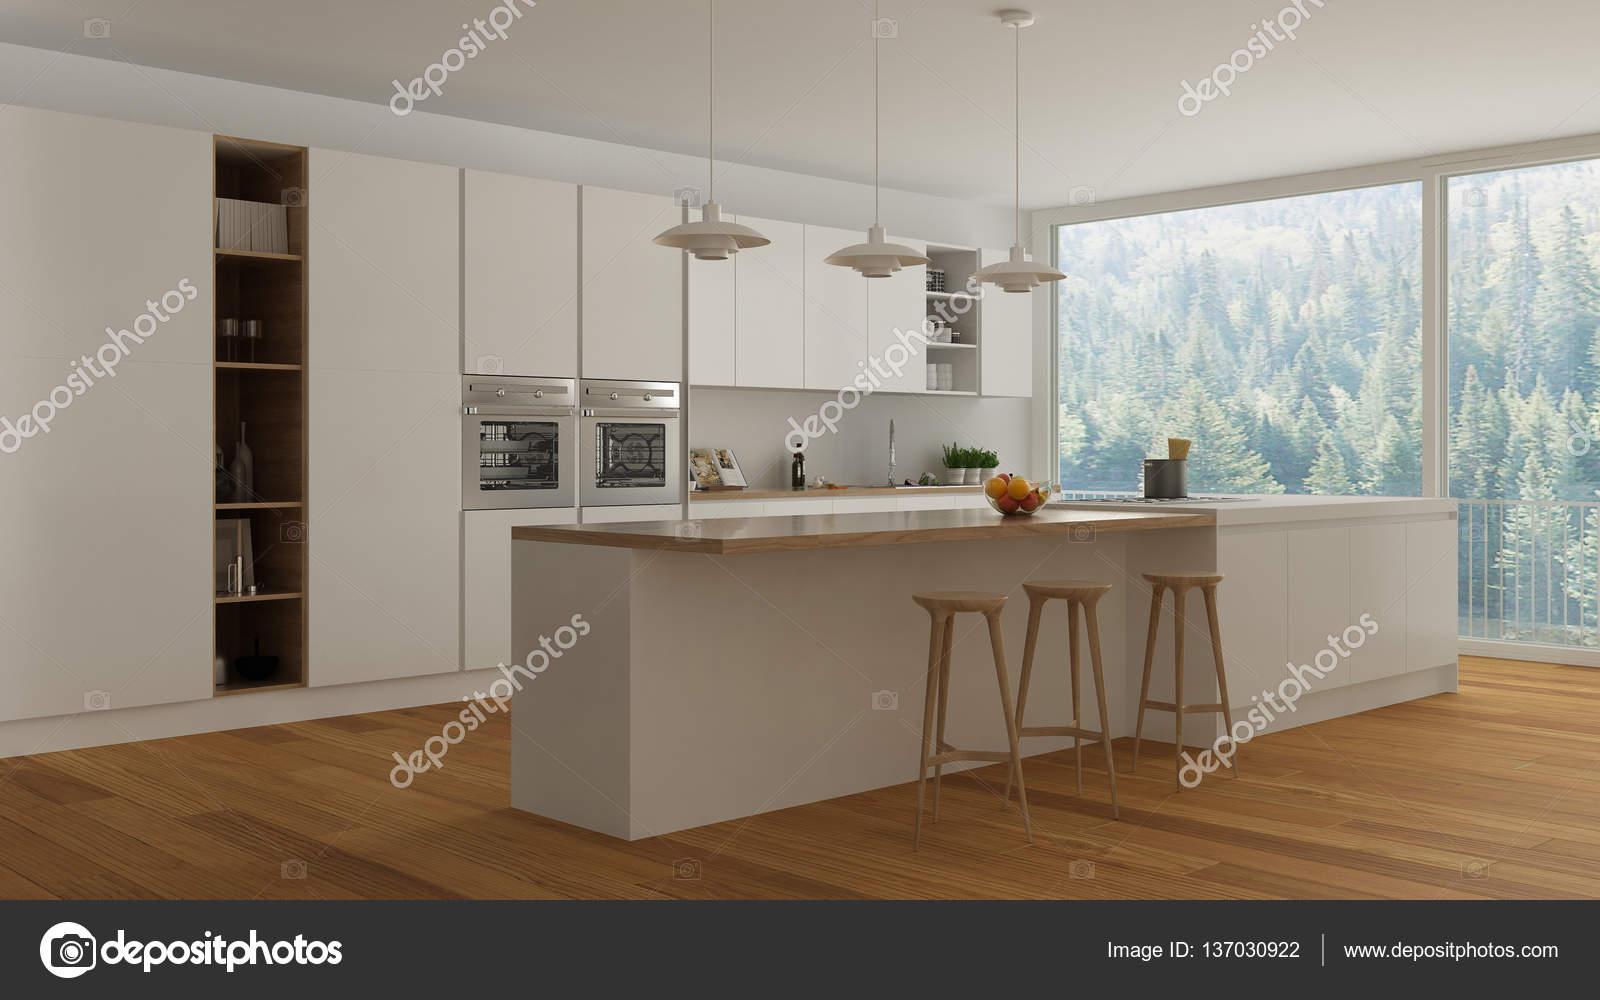 Skandinavische Weisse Kuche Mit Holz Und Weissen Details Minima